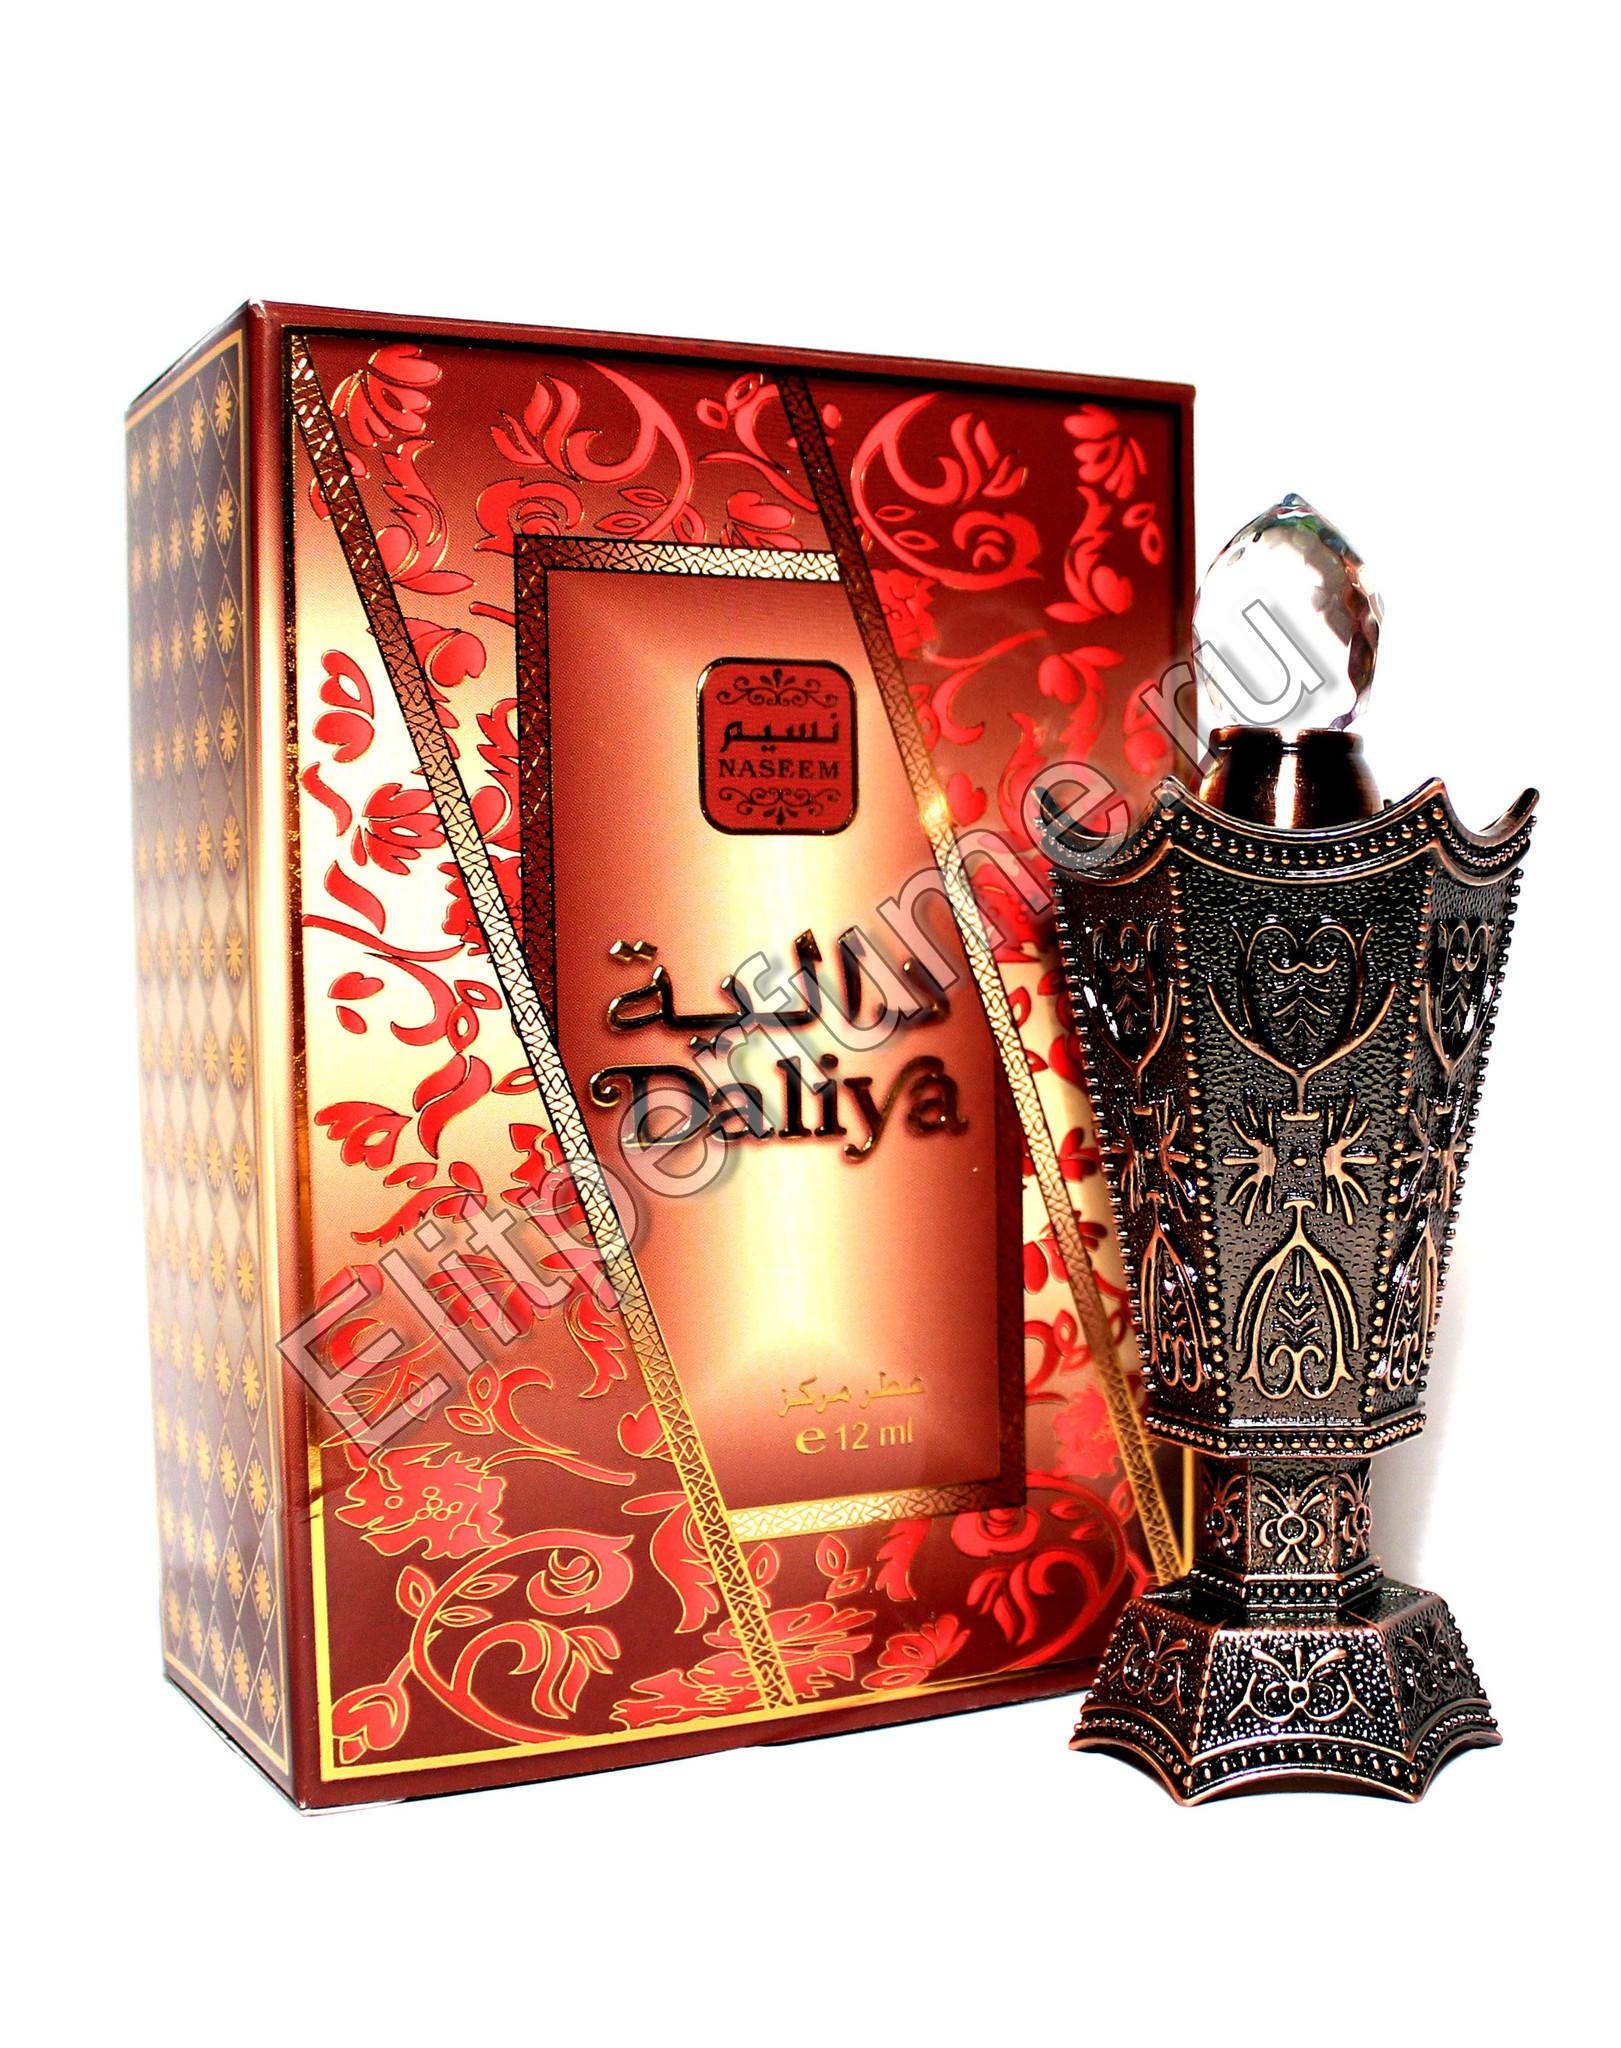 Daliya   Далия  12 мл арабские масляные духи от Насим Naseem Perfumes